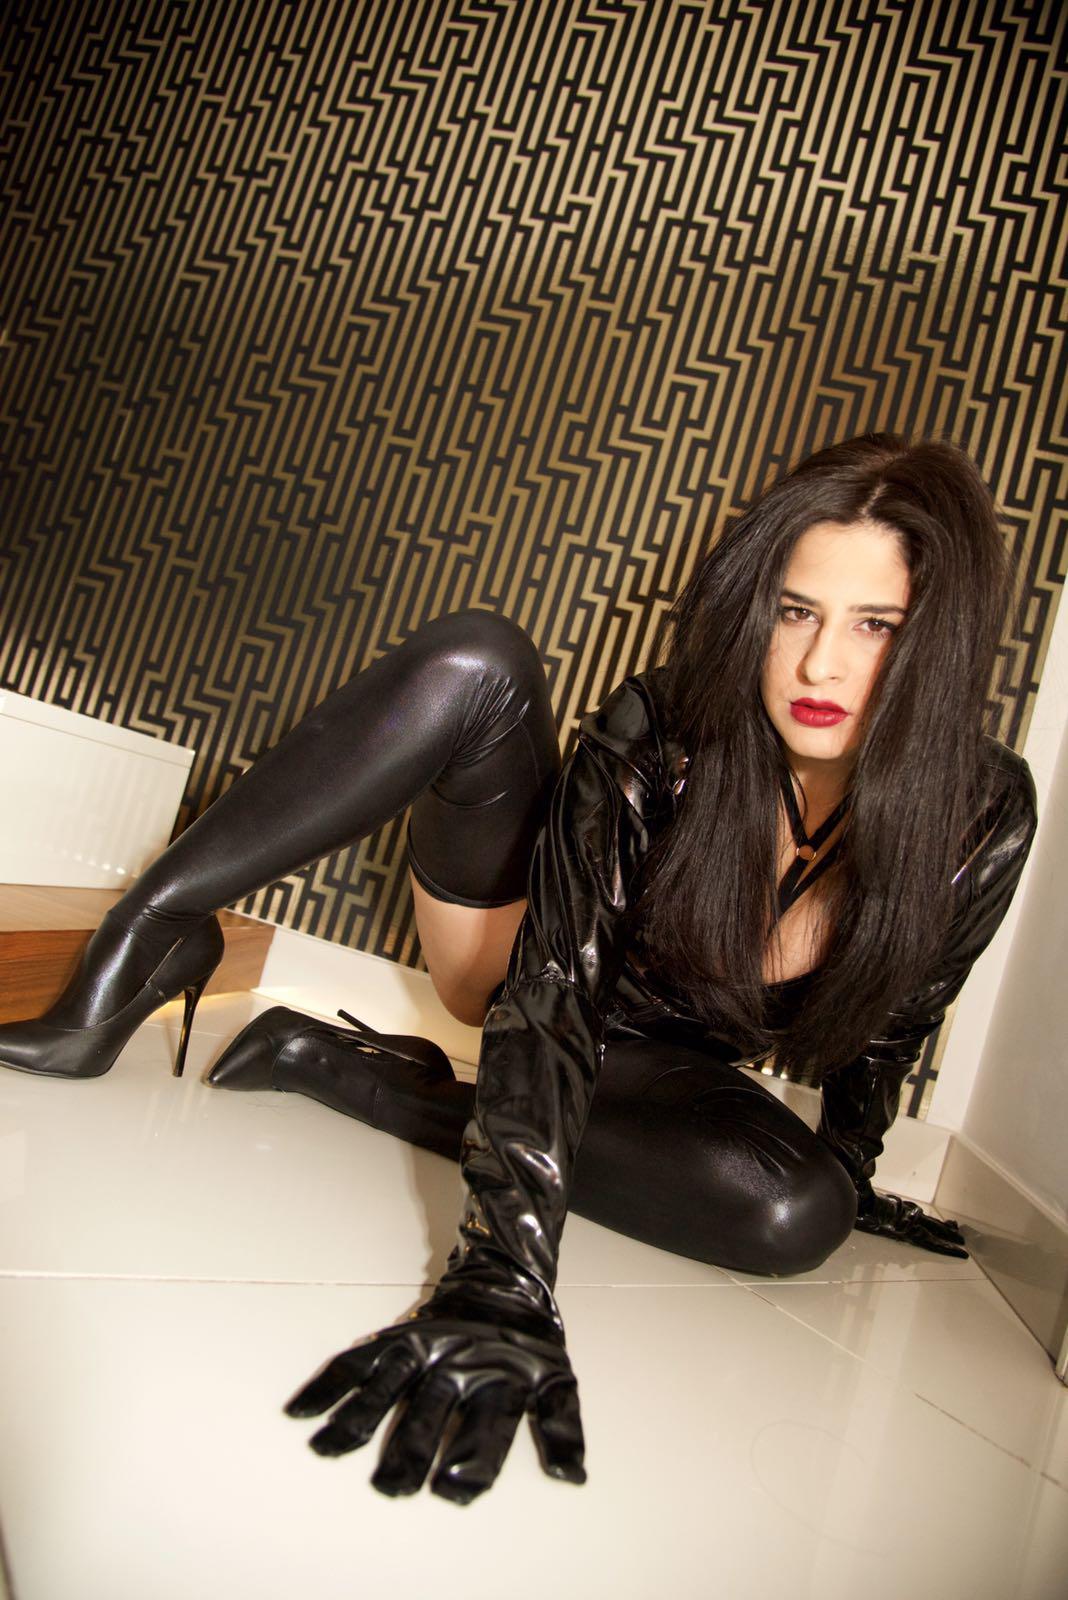 London-Mistress-Dominica-de-Sin-knee-high-thigh-boots